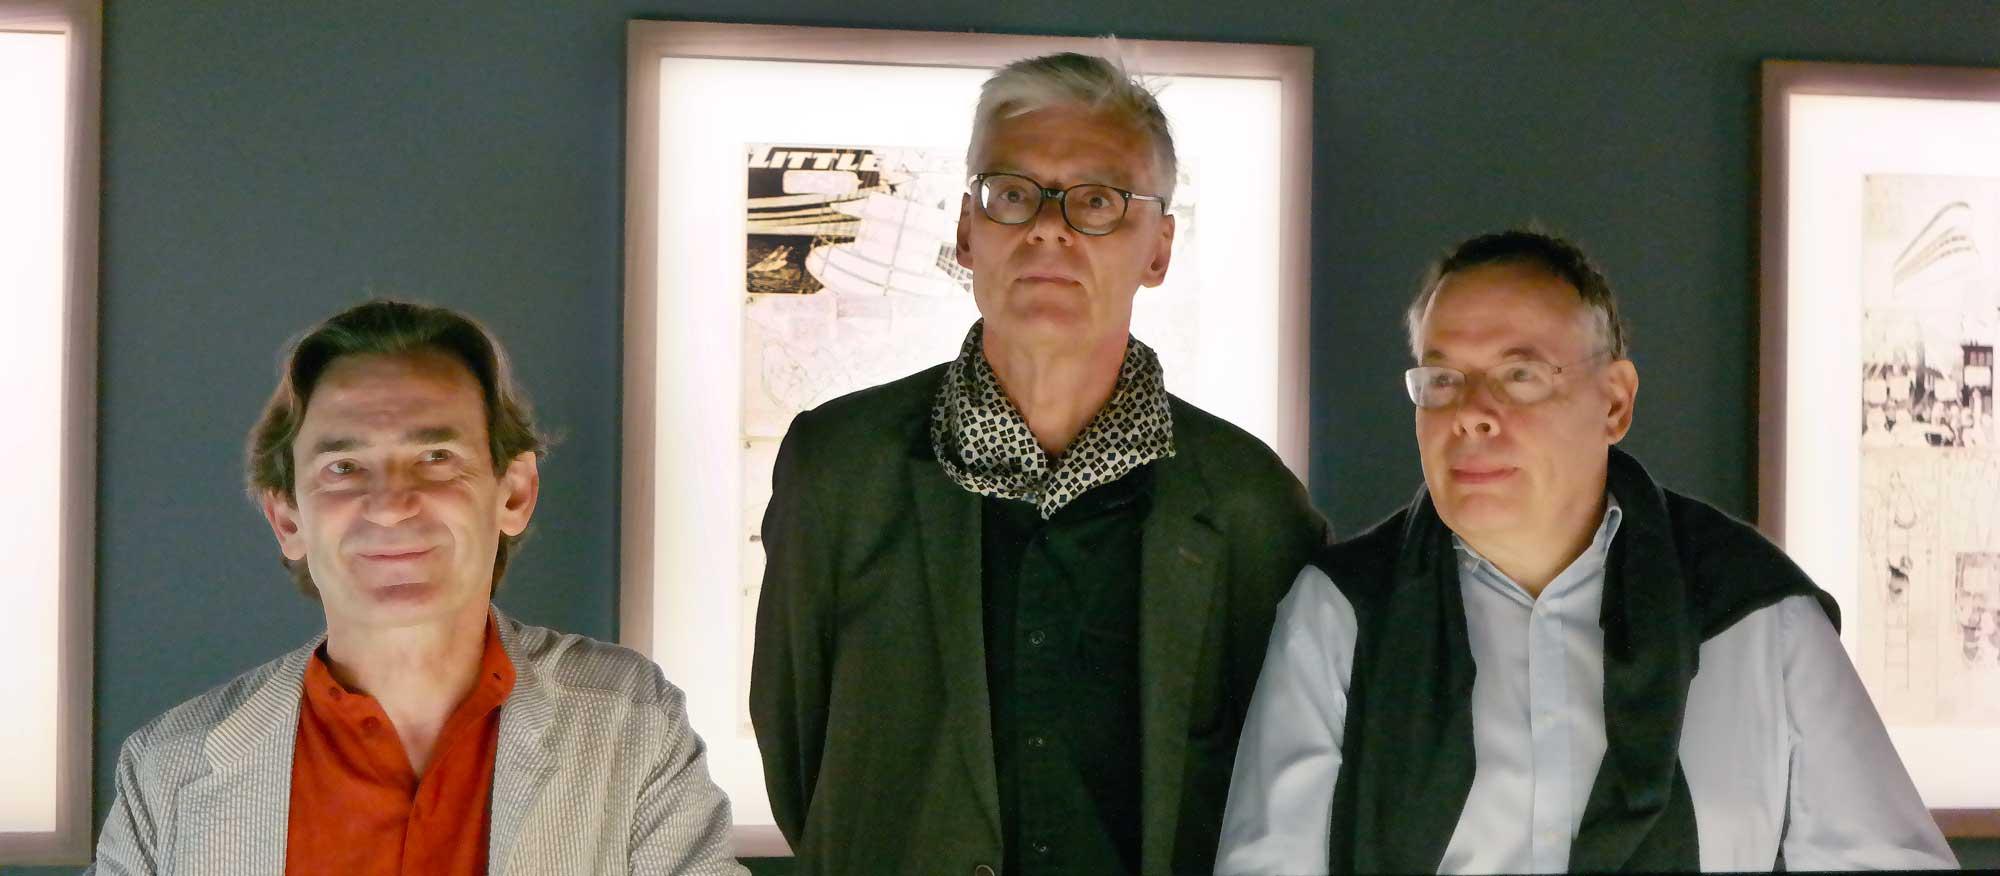 Les maitres d'oeuvre de cette exposition : Benois Peters, François Schuitten et